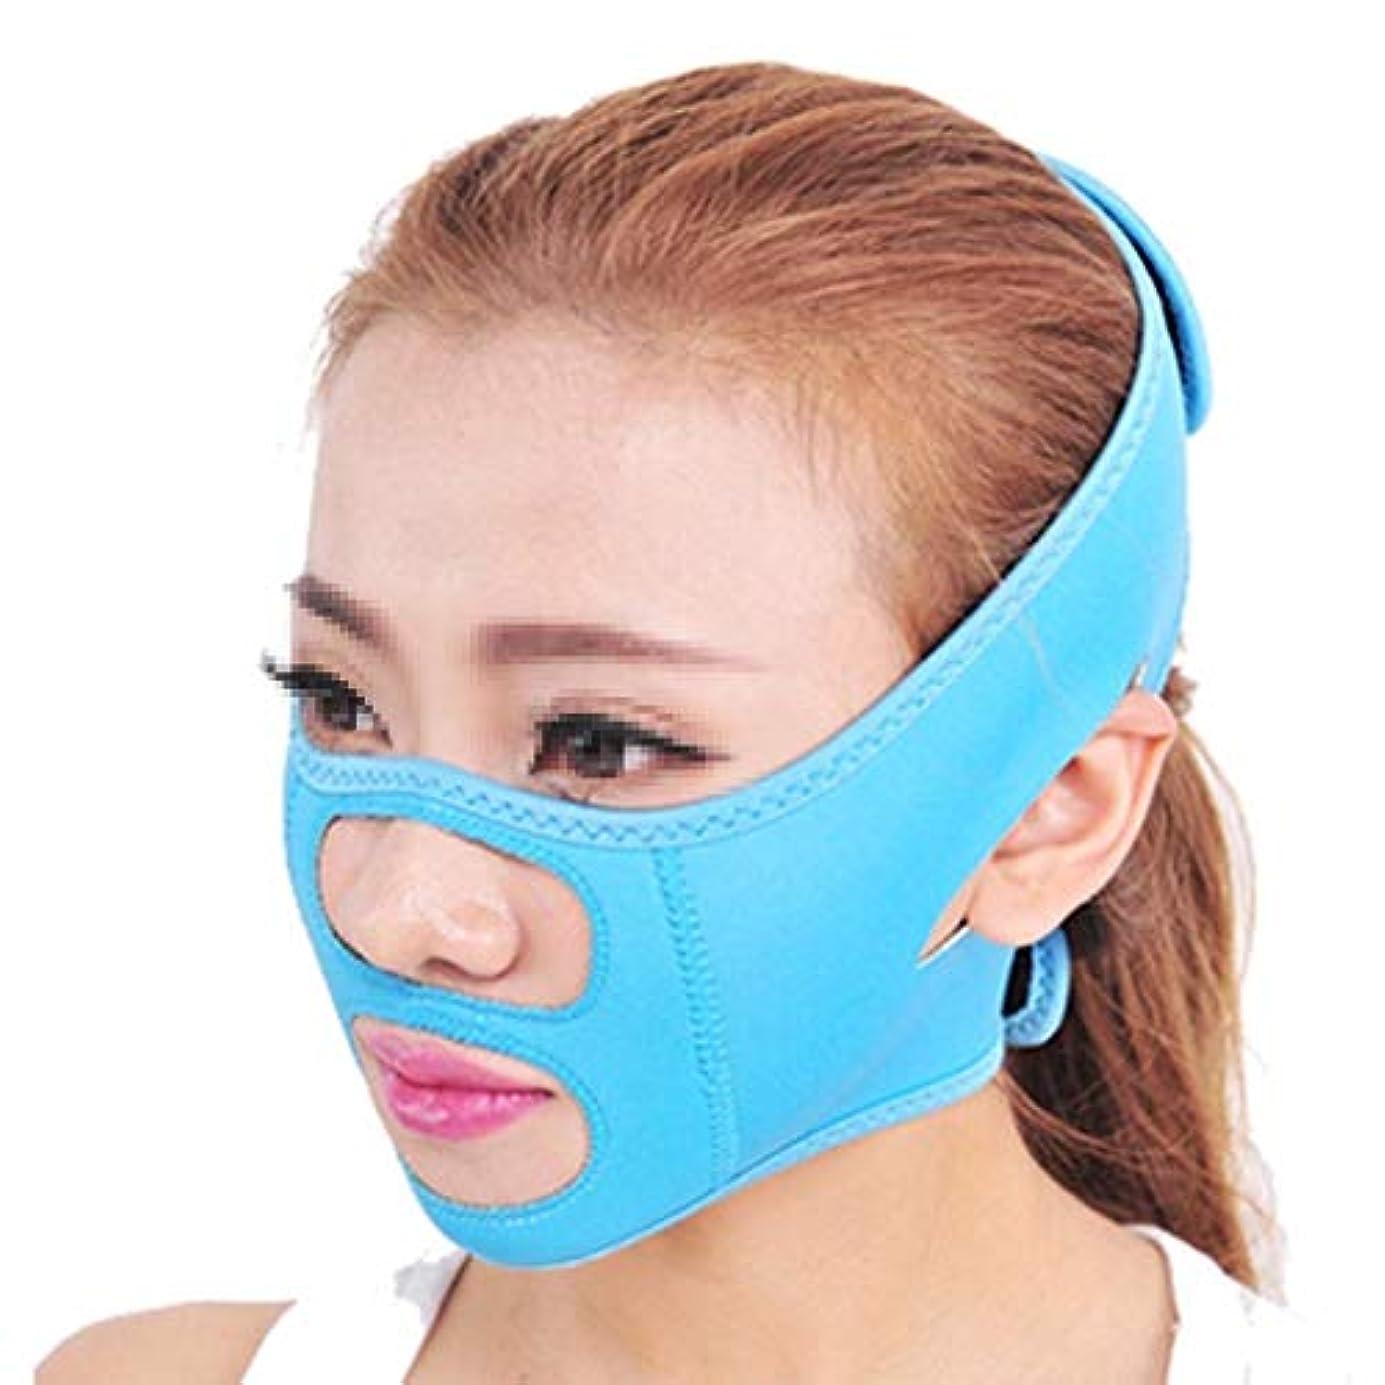 出くわすリズミカルな最大の薄いフェイスベルト、スリープマスク付きVフェイス、リフティングフェイス、ダブルチンフェイスマスクを引き締めるマルチカラーオプション(色:青)